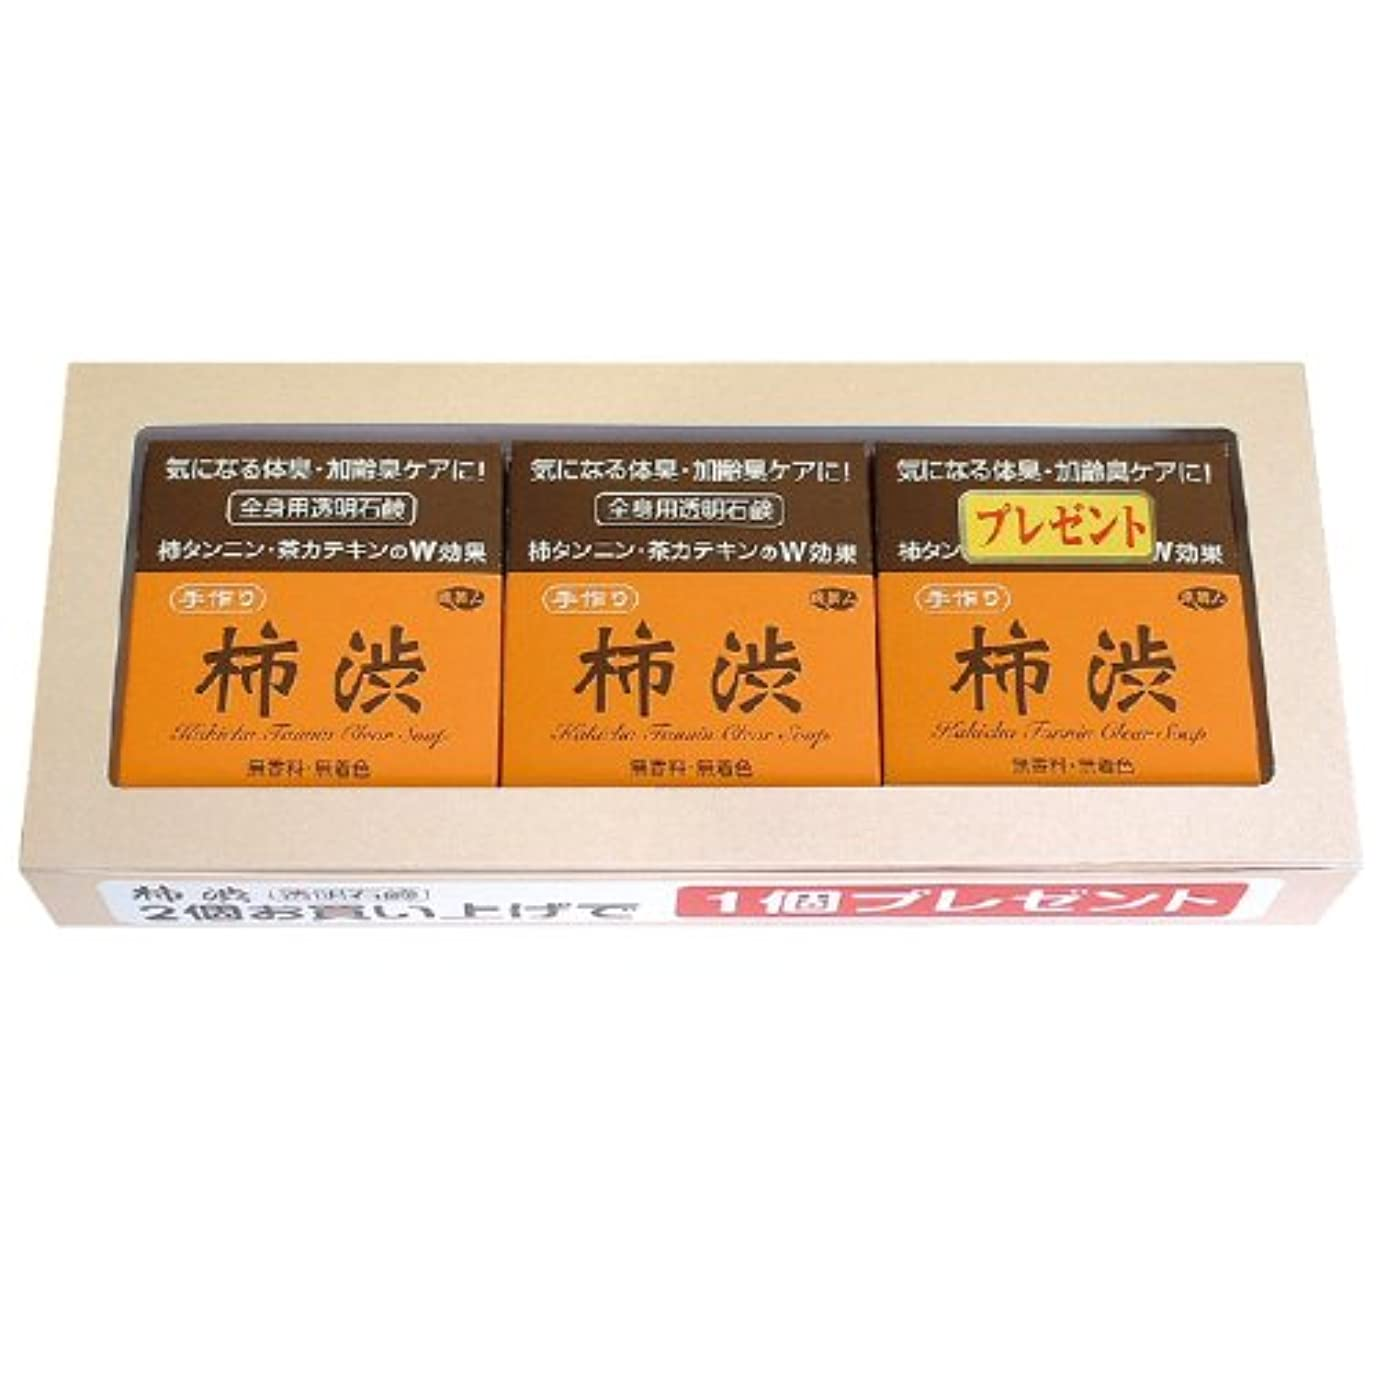 事故失業者省略アズマ商事の 柿渋透明石鹸 2個の値段で3個入りセット